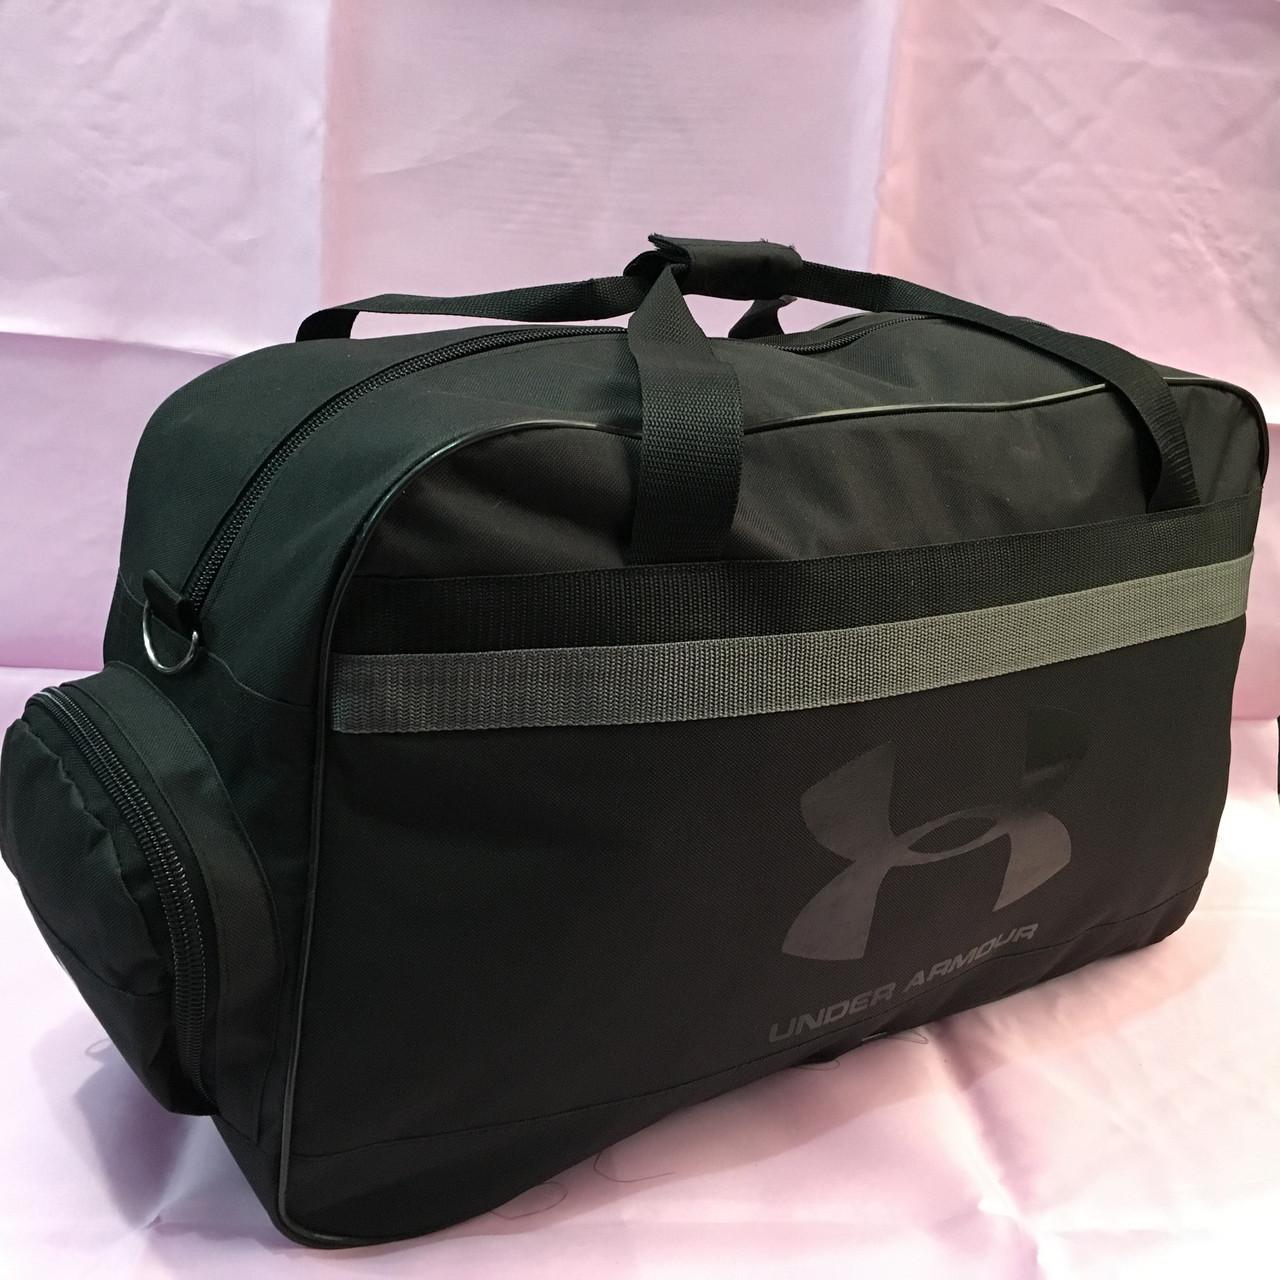 04f68769 Спортивная, дорожная качественная сумка UNDER ARMOUR Сумка UNDER ARMOUR.  Сумка в дорогу оптом M